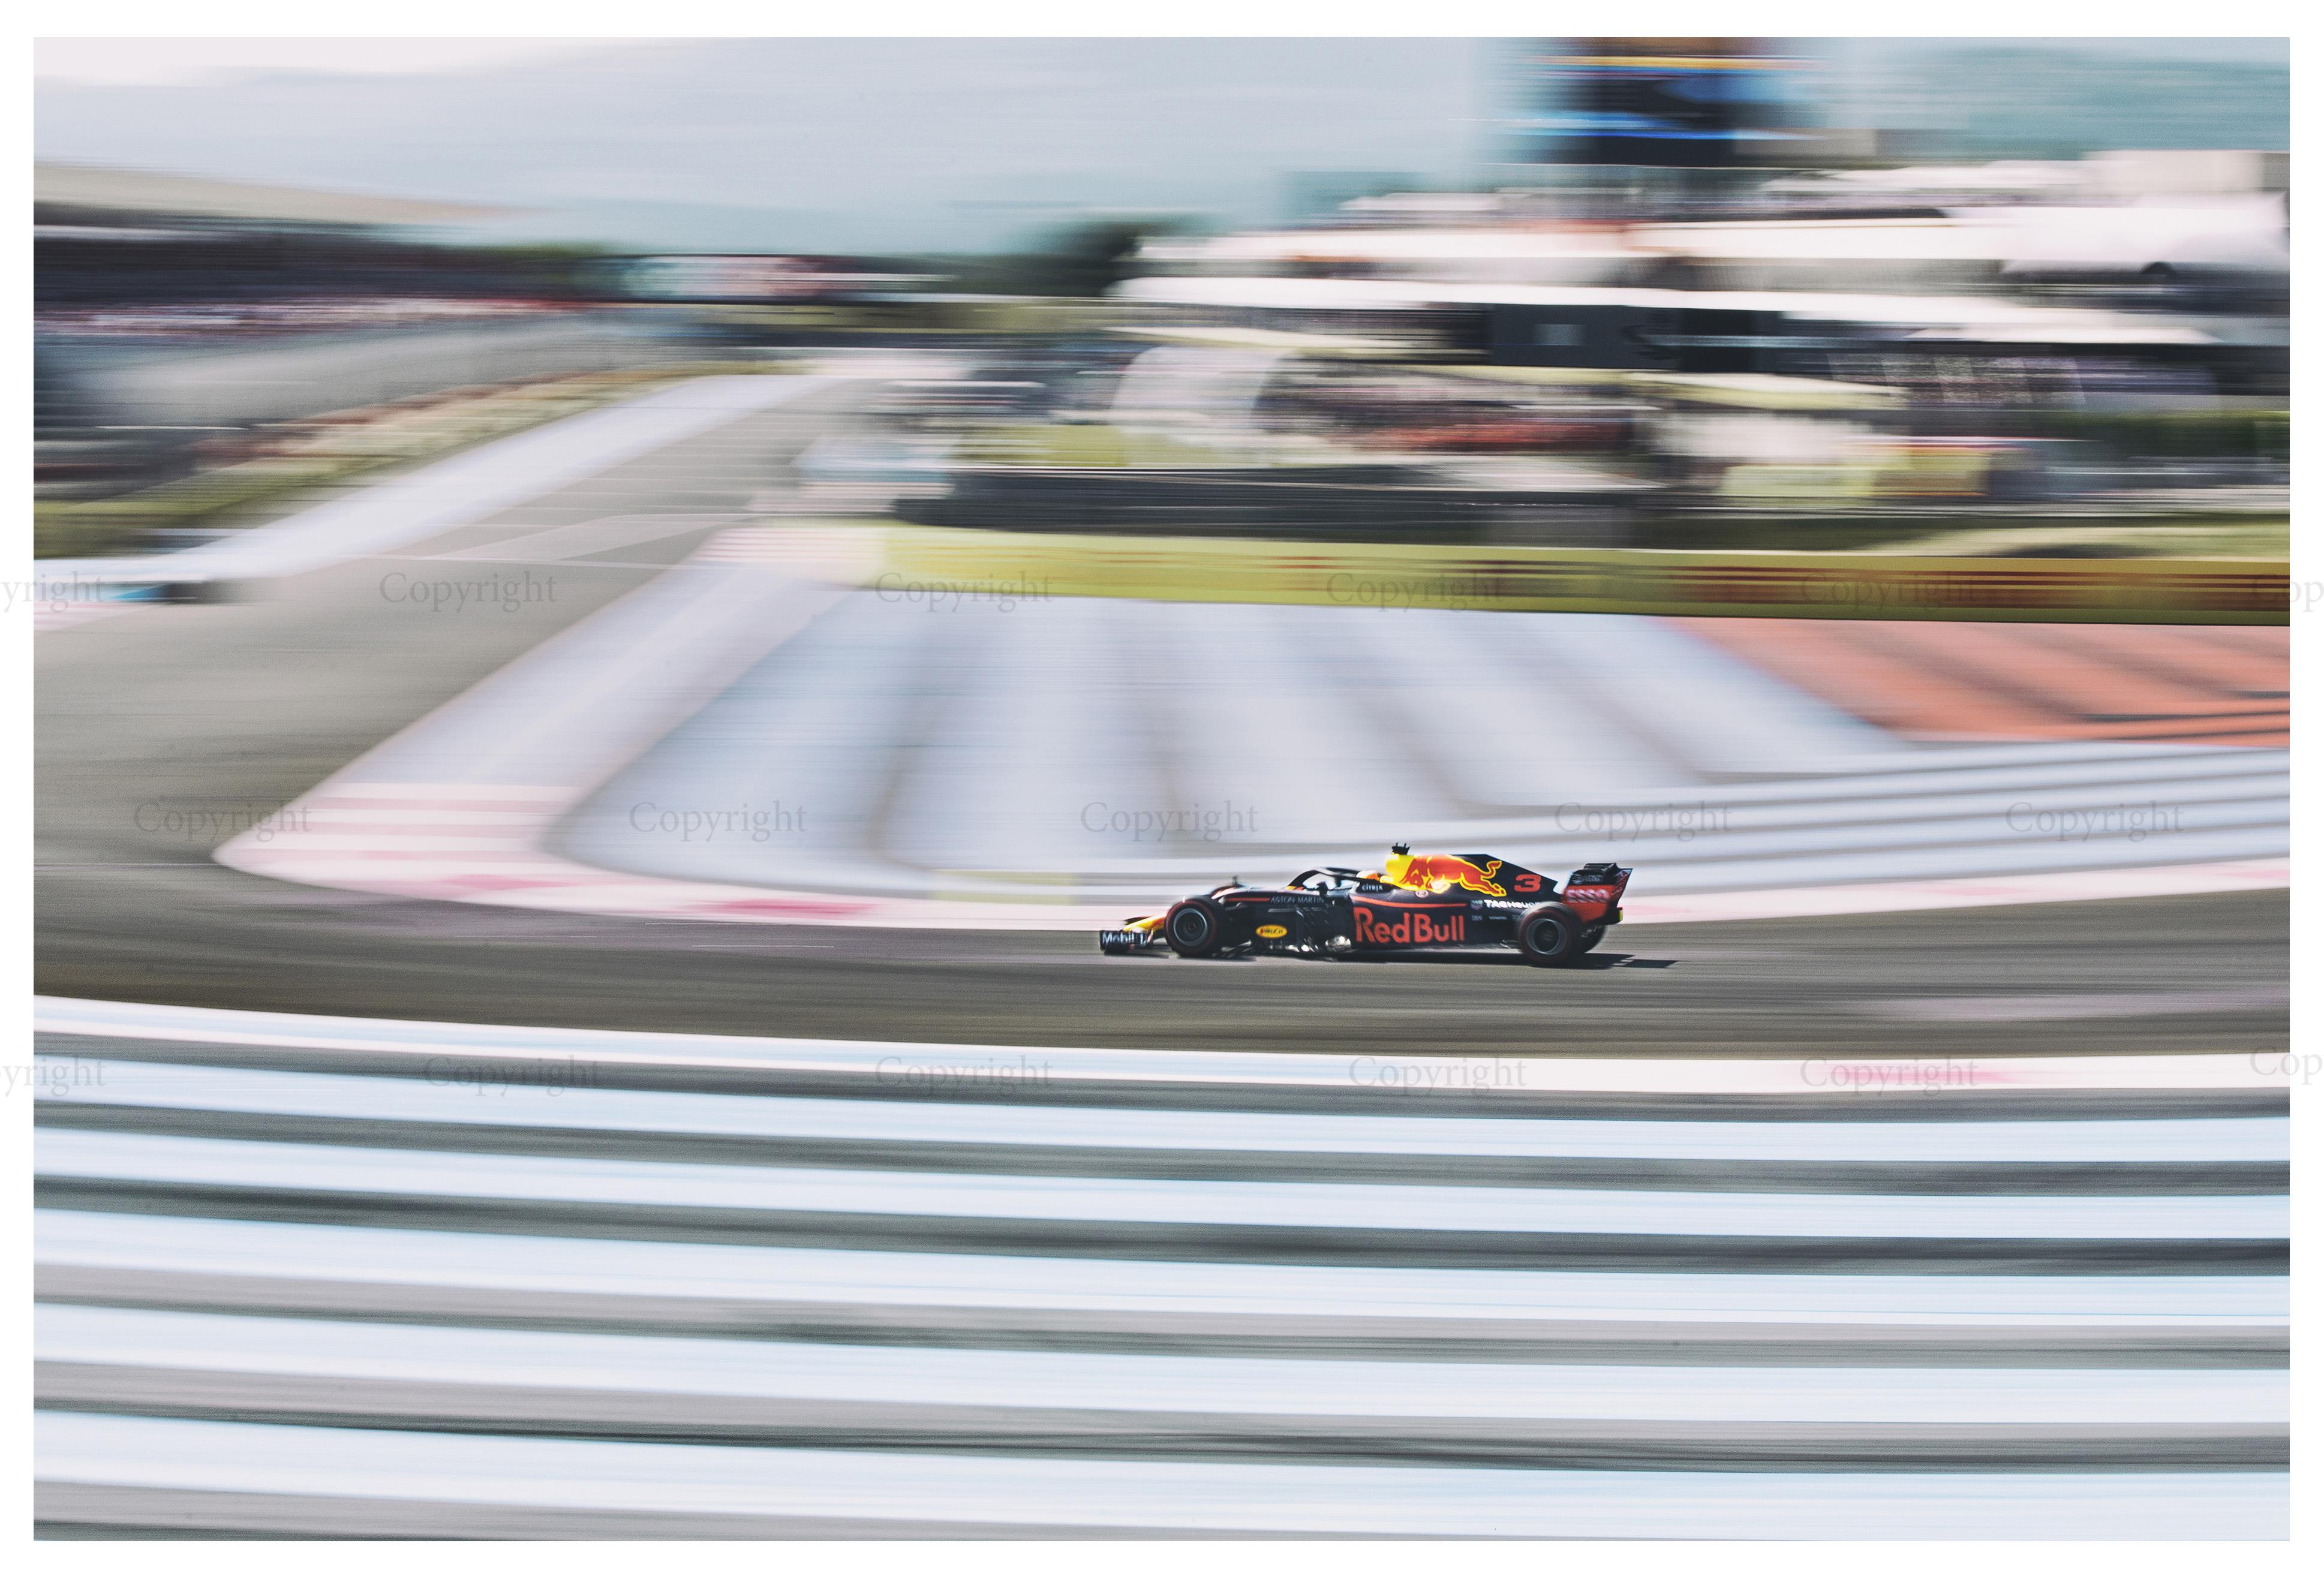 Ricciardo K 6